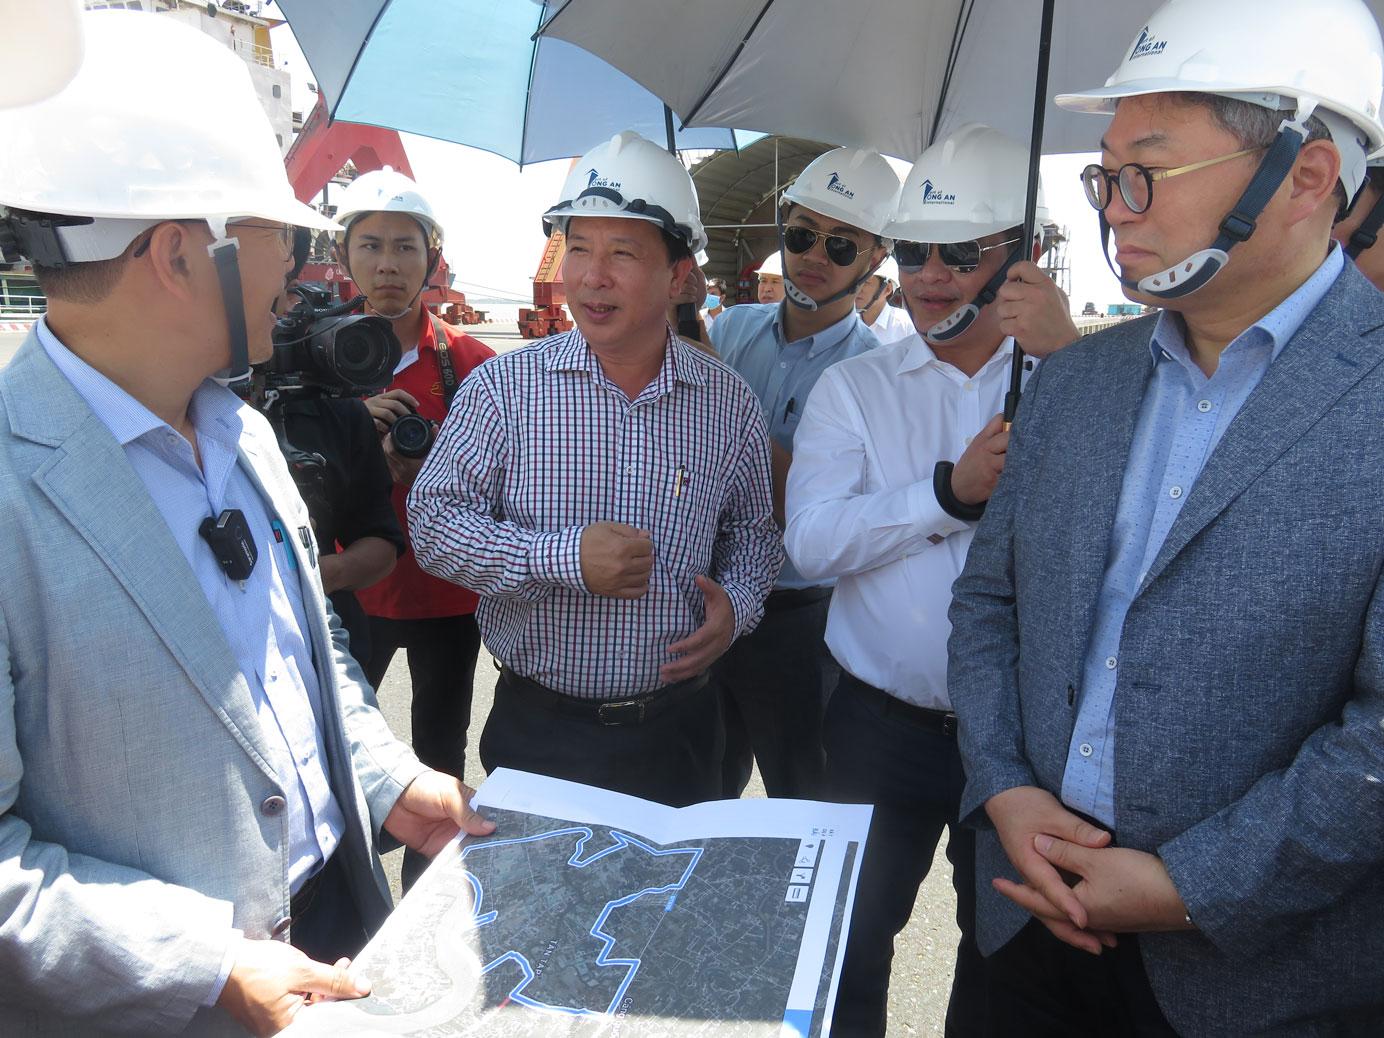 Chủ tịch UBND tỉnh - Nguyễn Văn Út (đứng giữa) cùng Đoàn Cơ quan hợp tác quốc tế Hàn Quốc (KOICA), doanh nghiệp Hàn Quốc khảo sát một số dự án công nghiệp trọng điểm của huyện Cần Giuộc